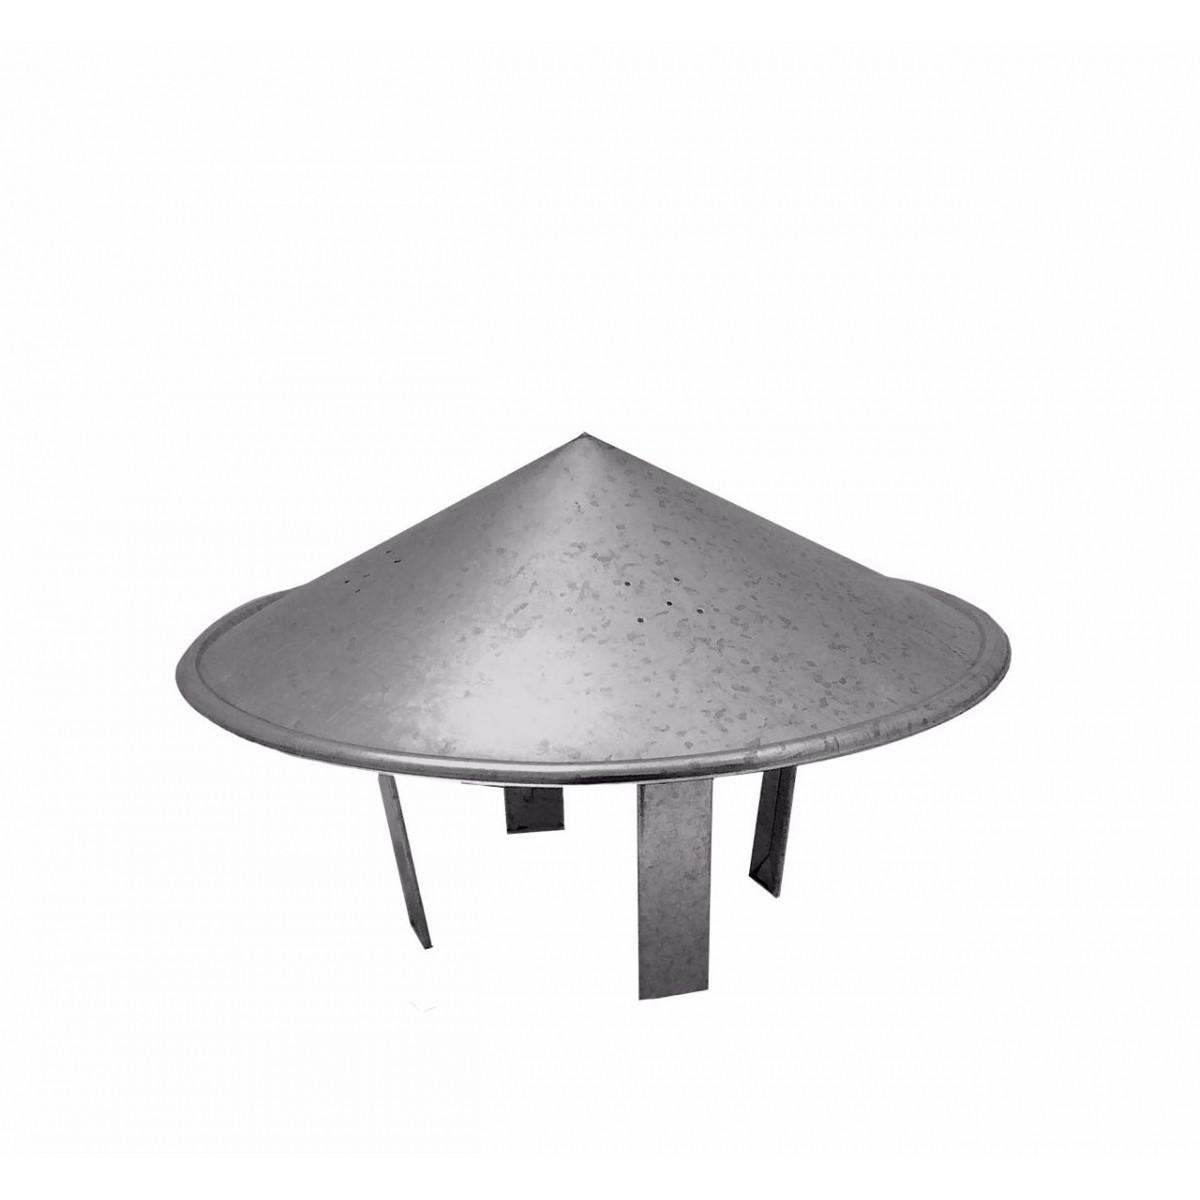 Chapéu chinês galvanizado para dutos de 150 mm de diâmetro para topo de chaminé  - Galvocalhas